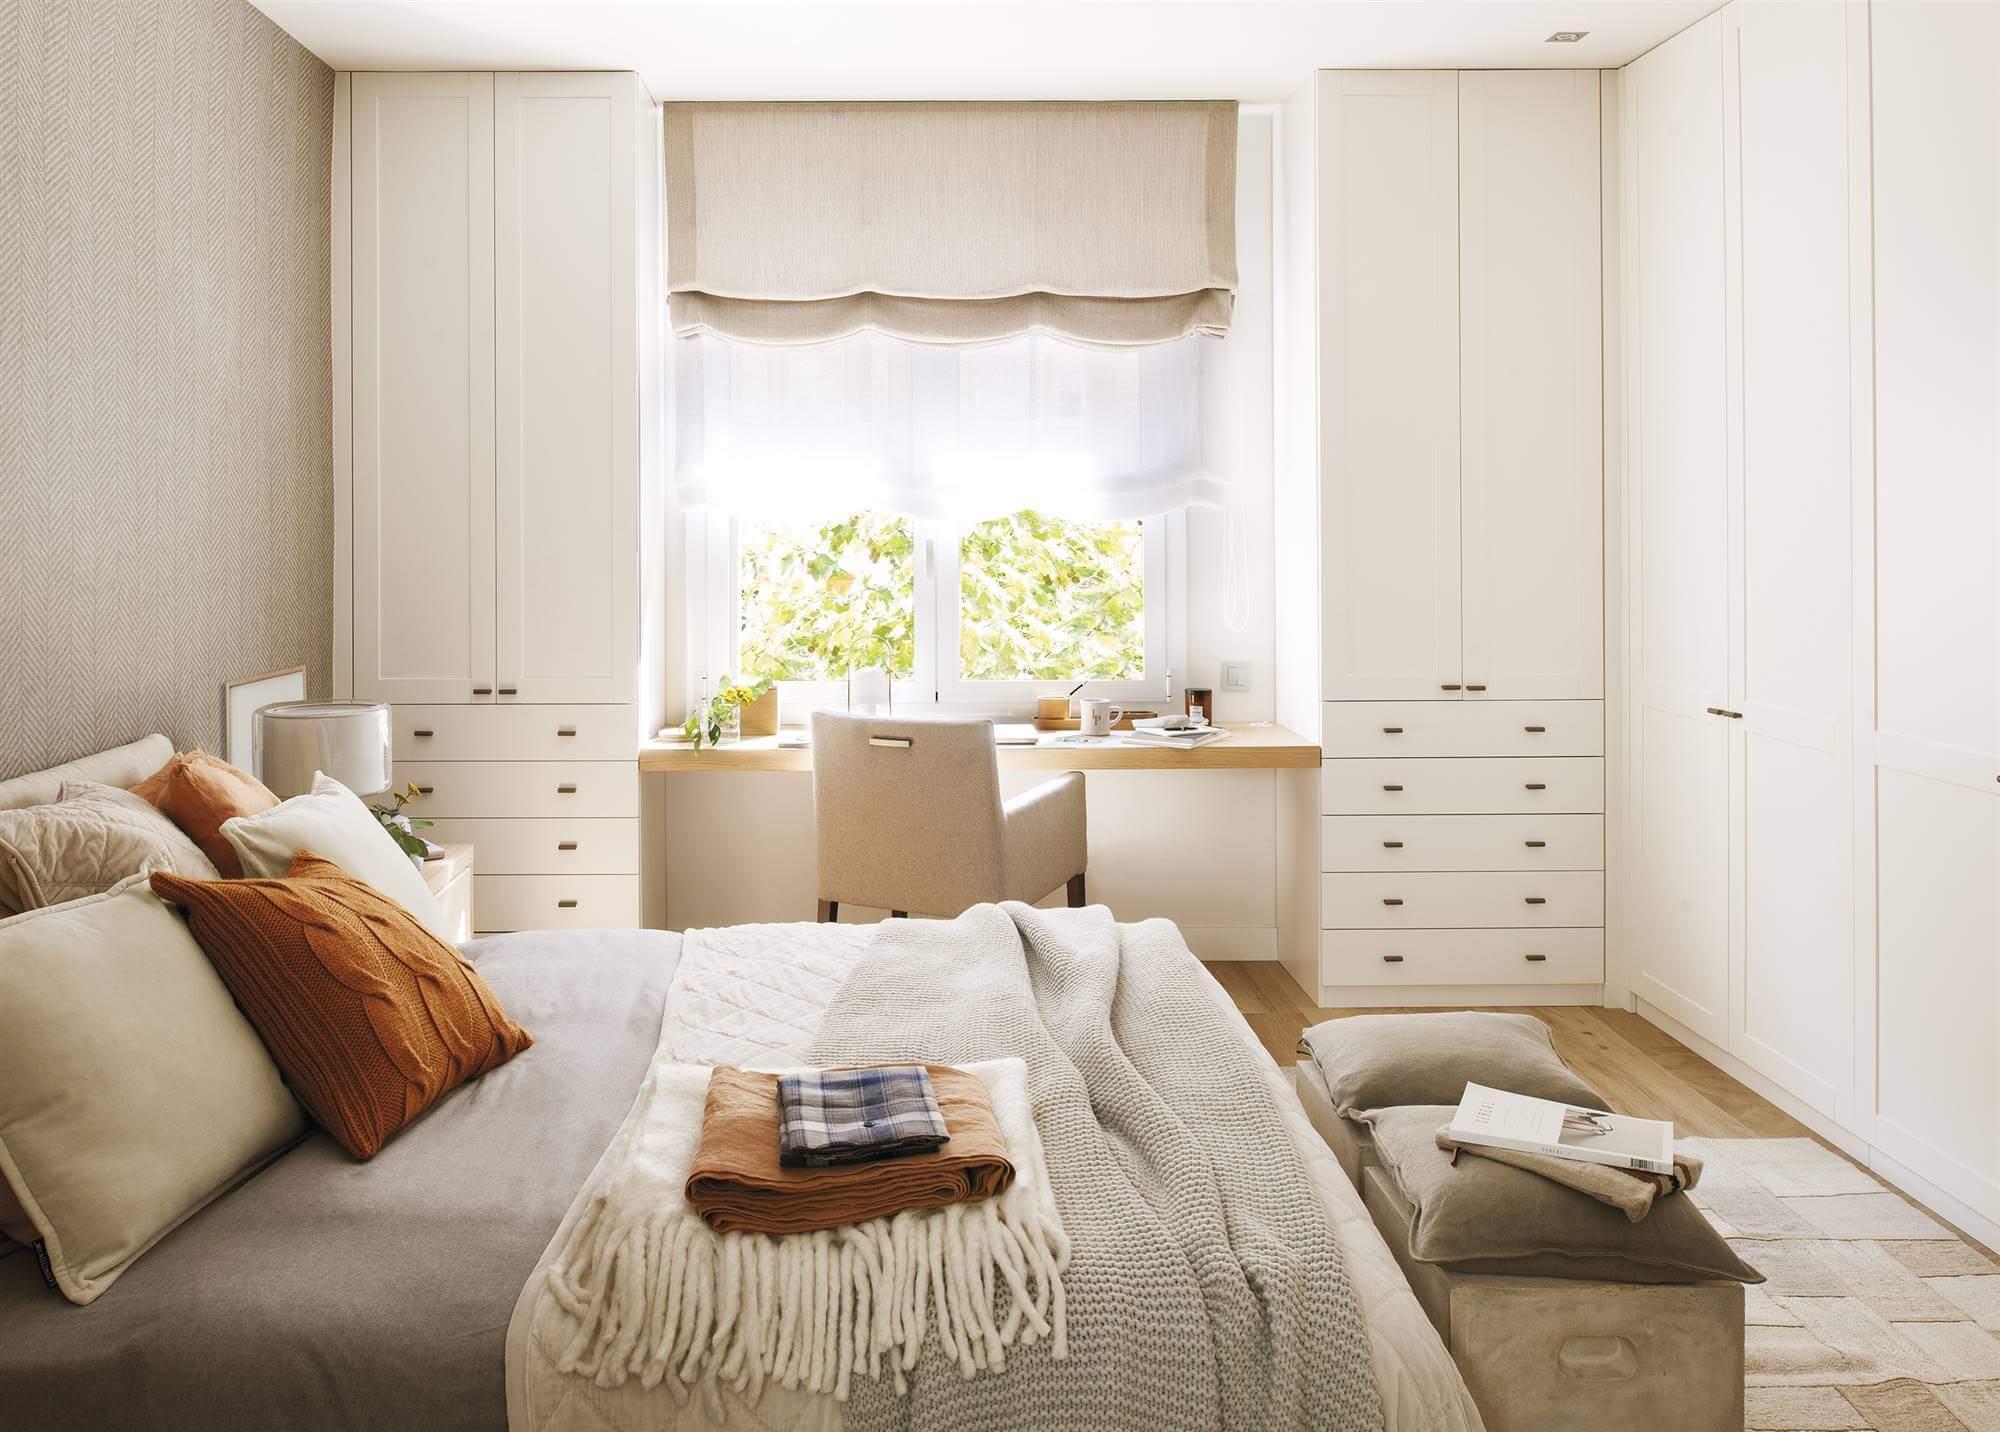 Уютная квартира: 50 фото с ♥